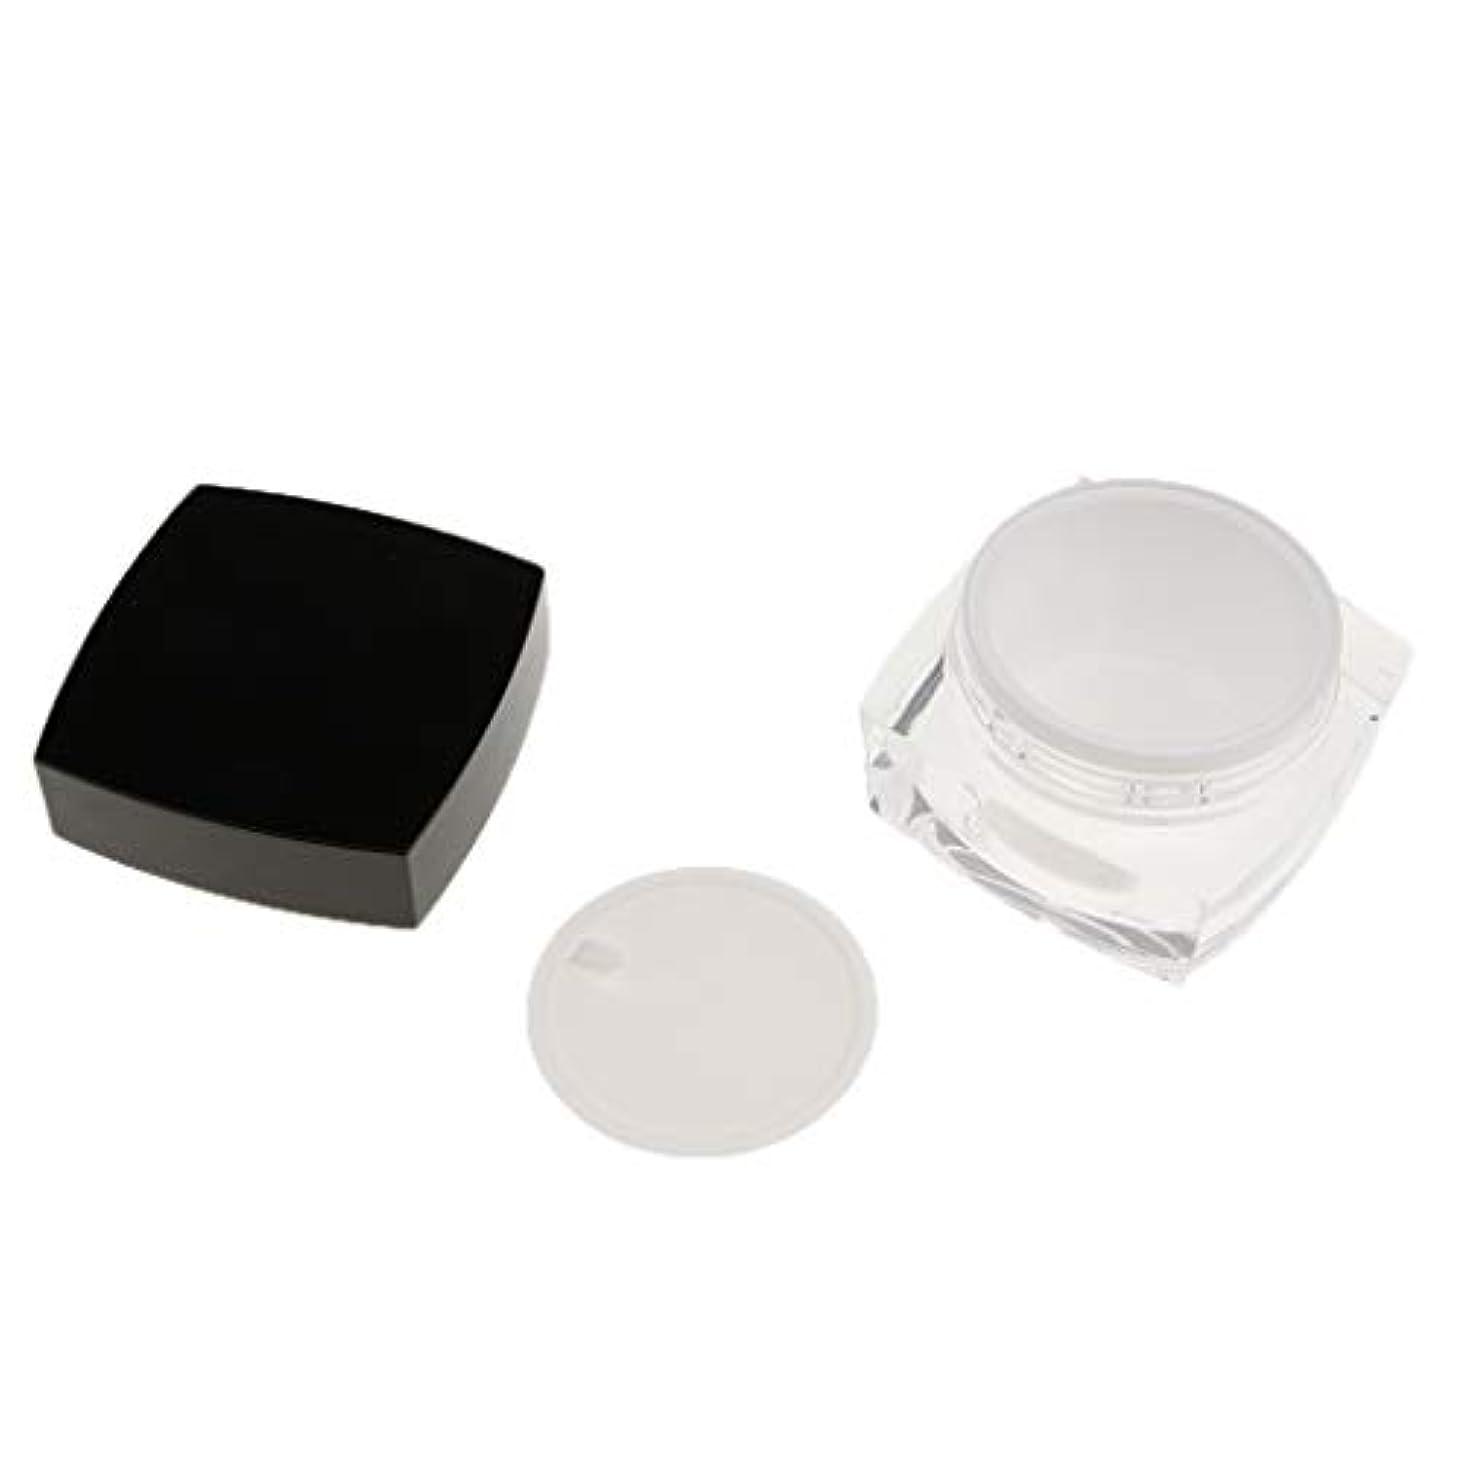 かなりのアーティキュレーション歩くPerfeclan 化粧品容器 プロ 容器 メイクアップ クリームジャー 瓶 小分けツール 2サイズ選べ - 50g